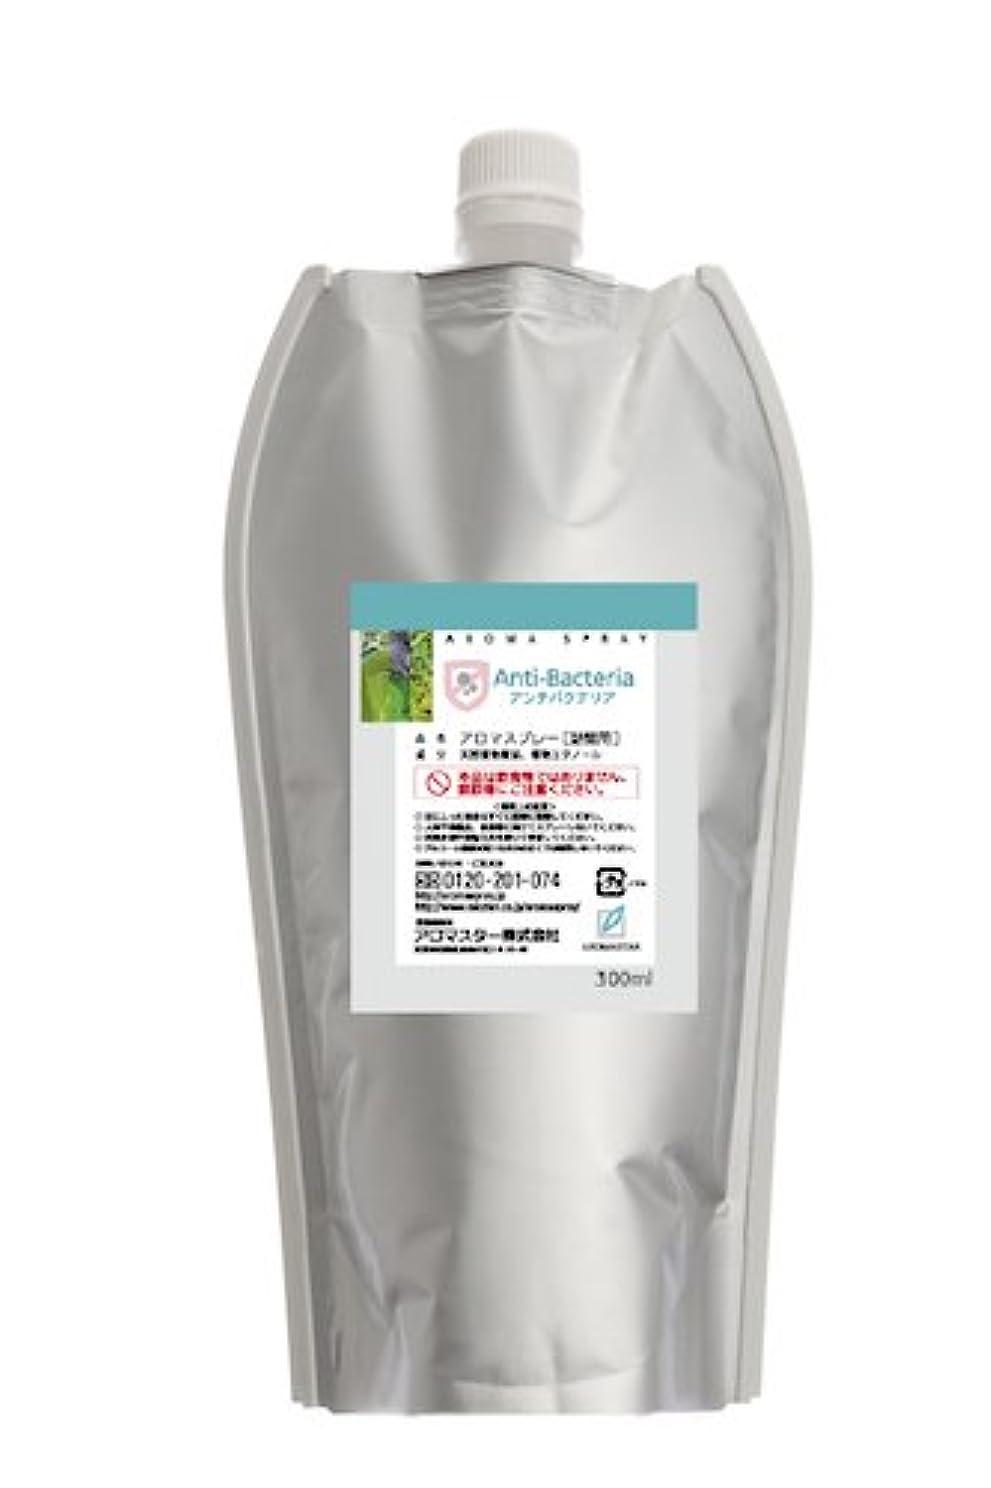 保有者解くビデオAROMASTAR(アロマスター) アロマスプレー アンチバクテリア 300ml詰替用(エコパック)